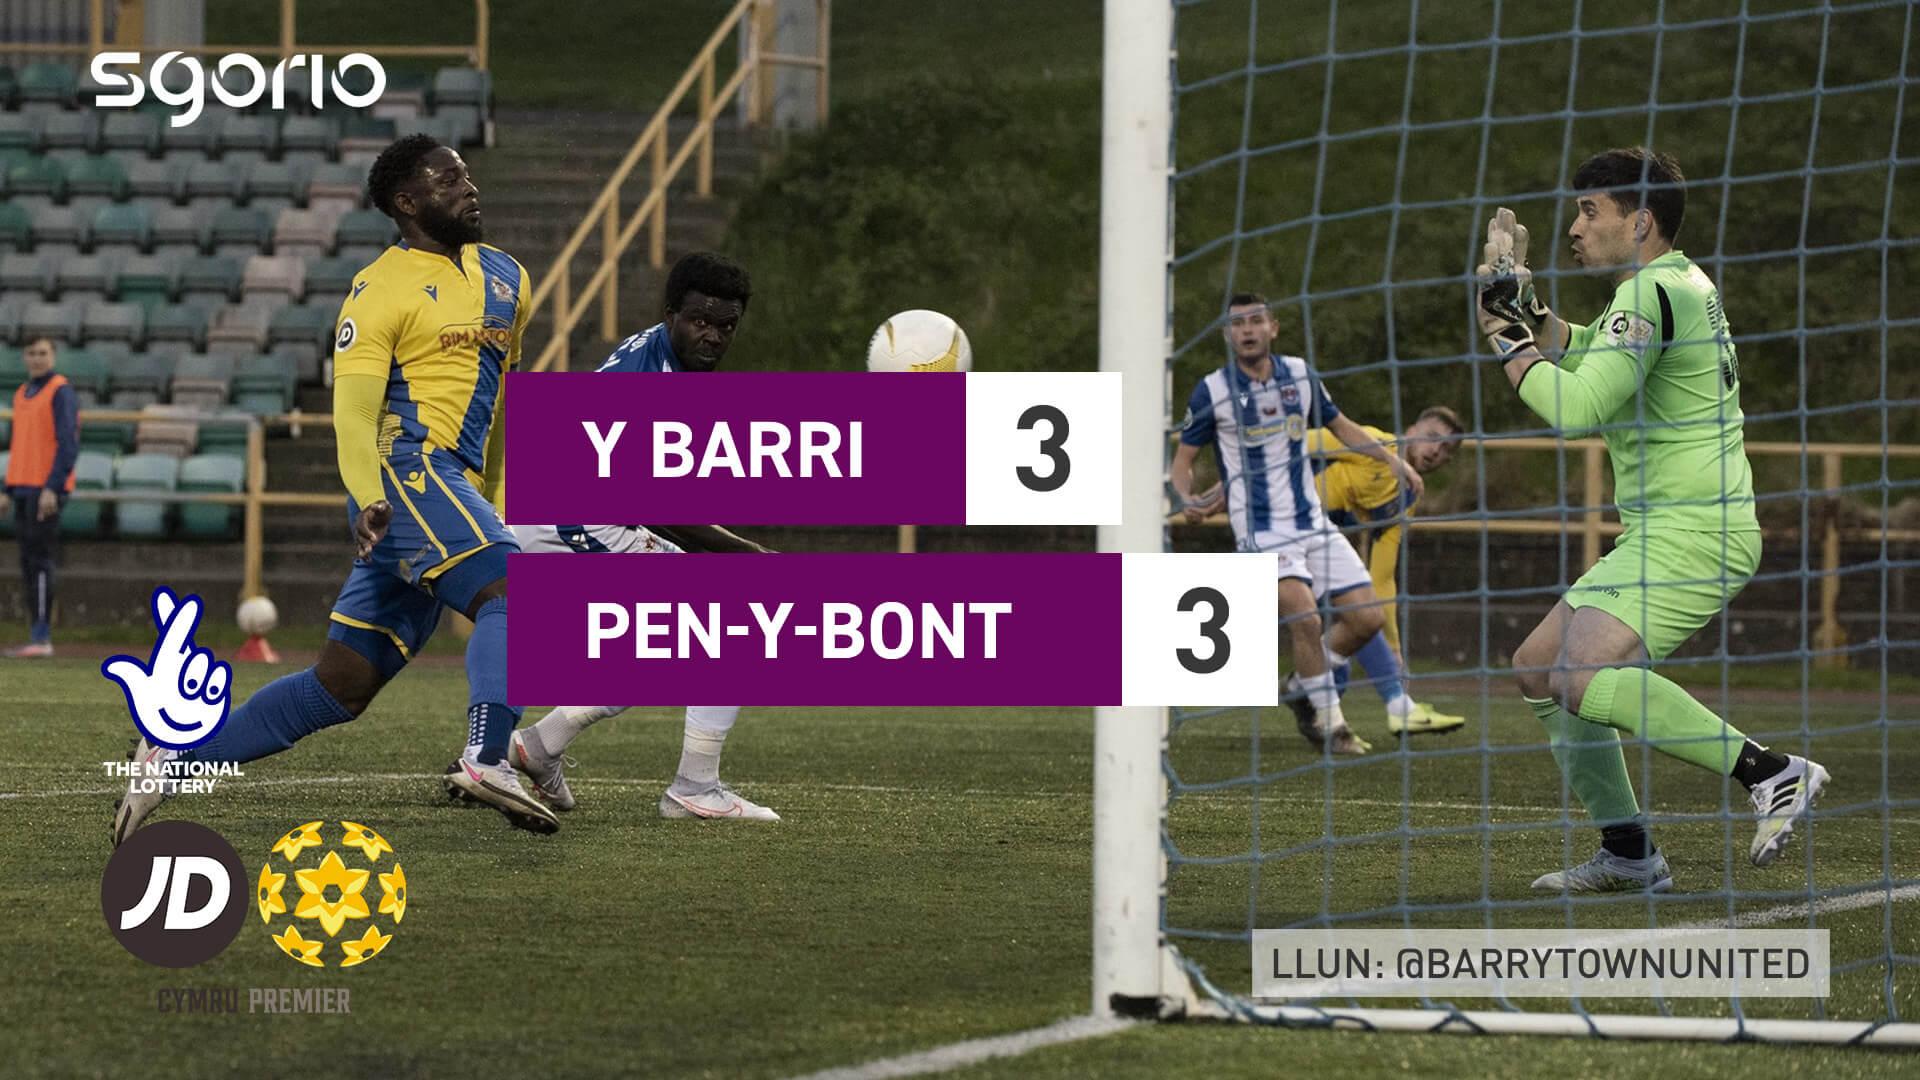 Y Barri 3-3 Pen-y-bont